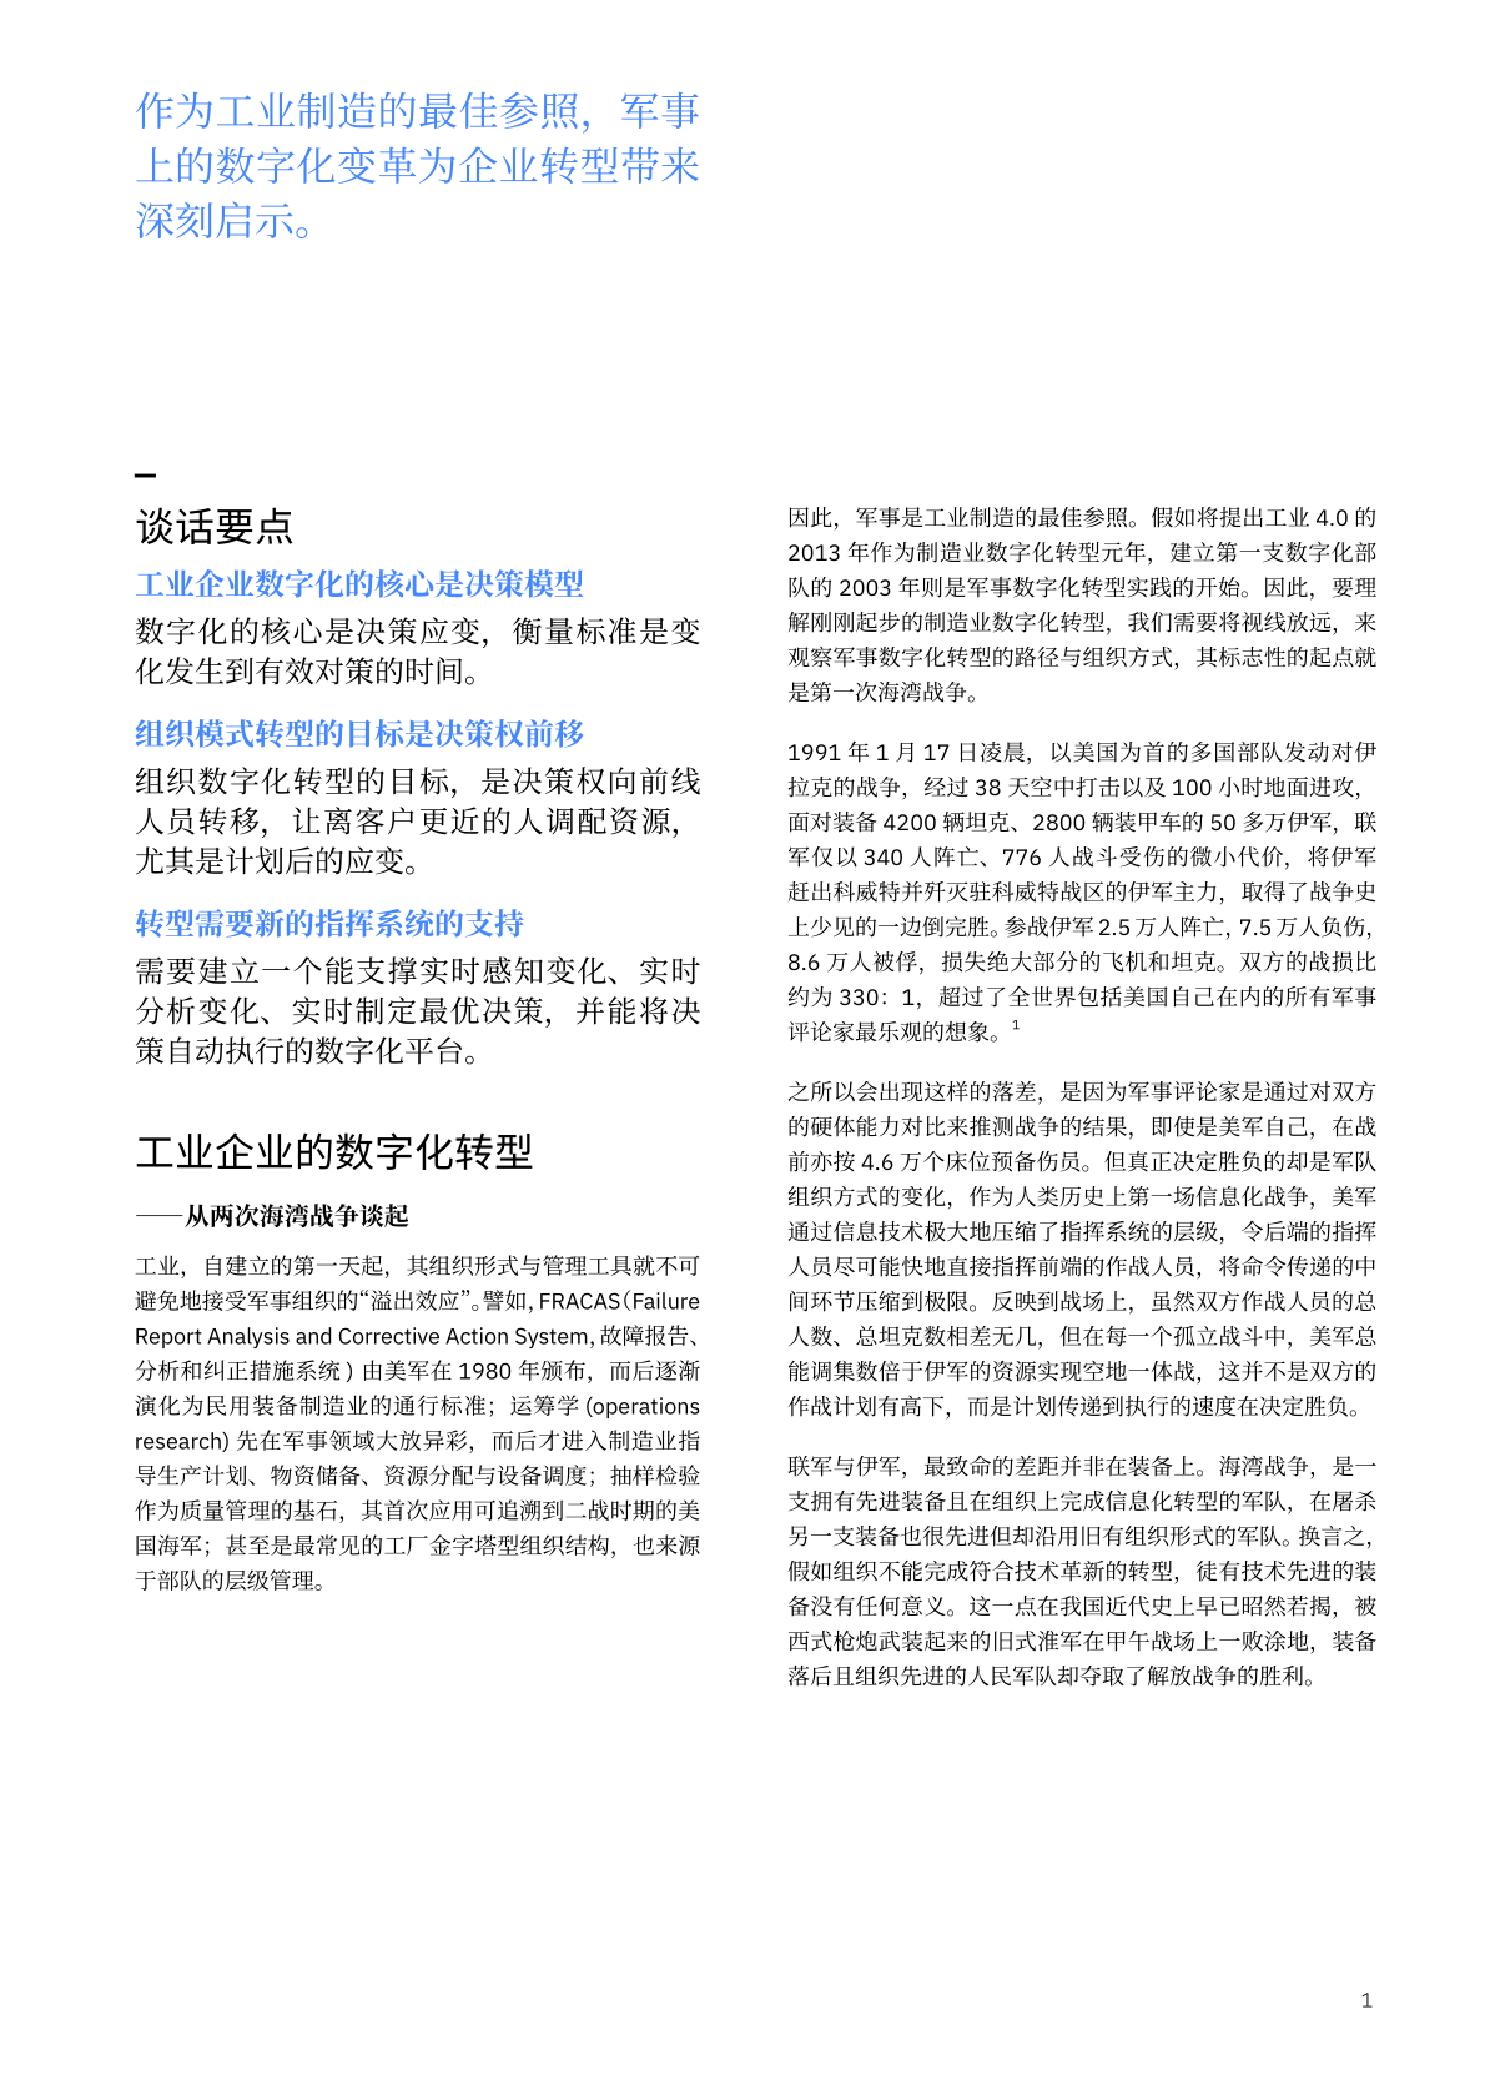 大数据研究报告,[IBM] -工业企业的数字化转型!